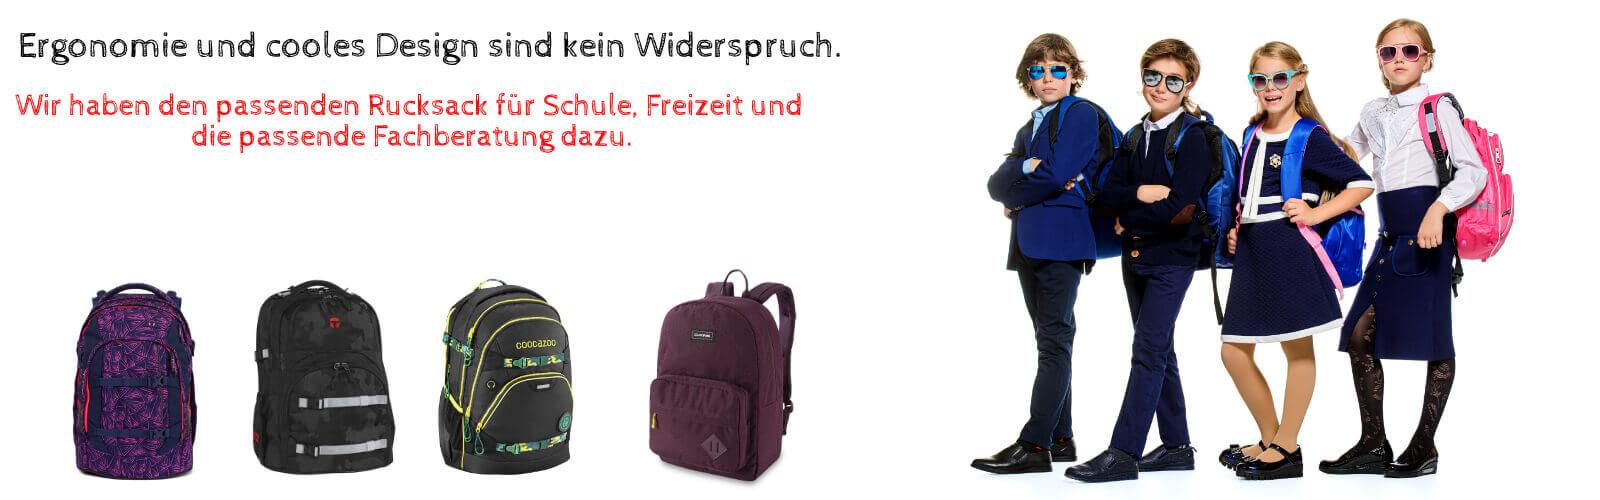 Coole Kids tragen Schulrucksäcke von Biedersberger Bürotechnik GmbH